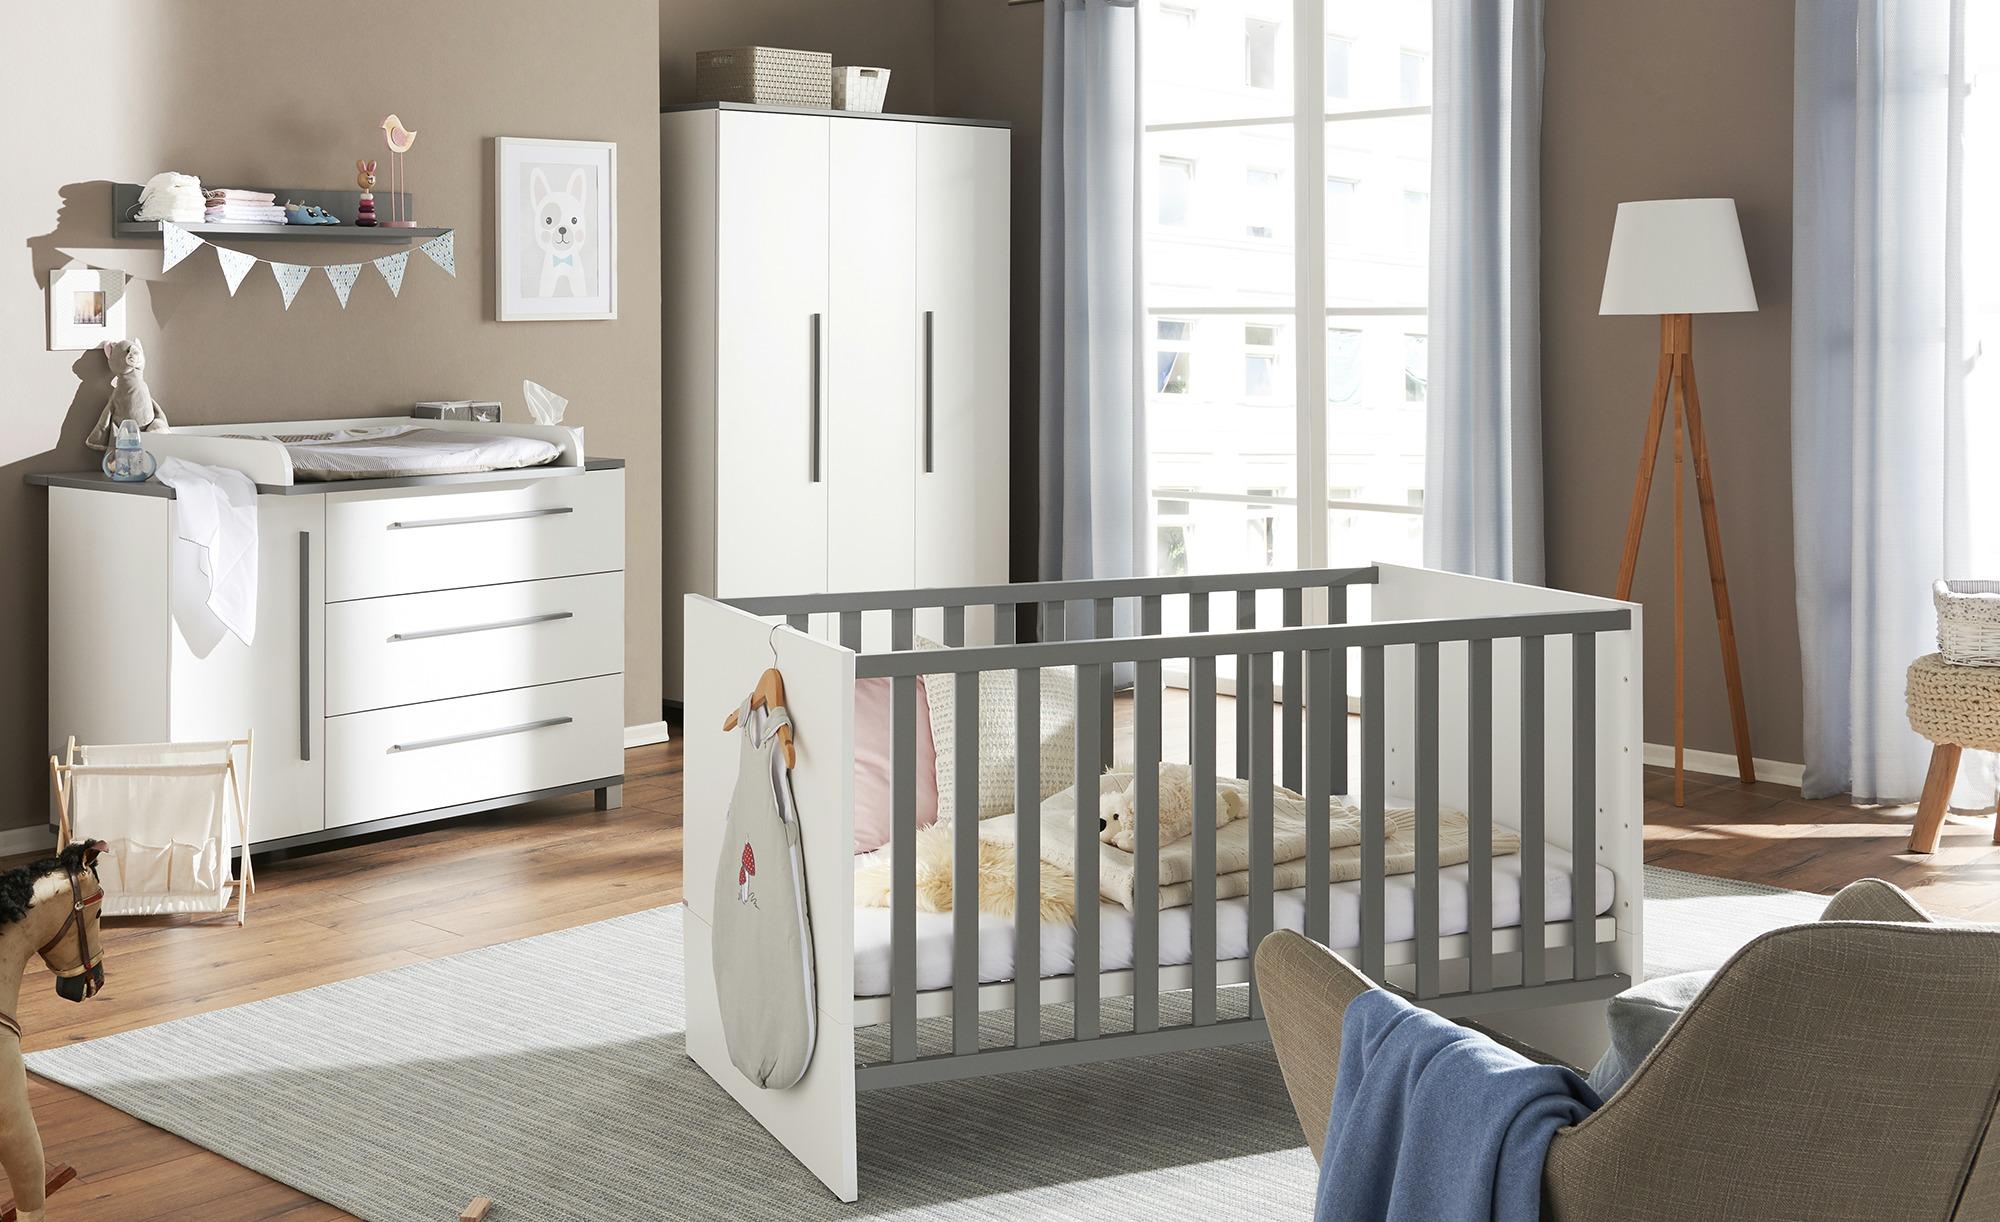 Babyzimmer, 21 teilig Kalea, gefunden bei Möbel Höffner